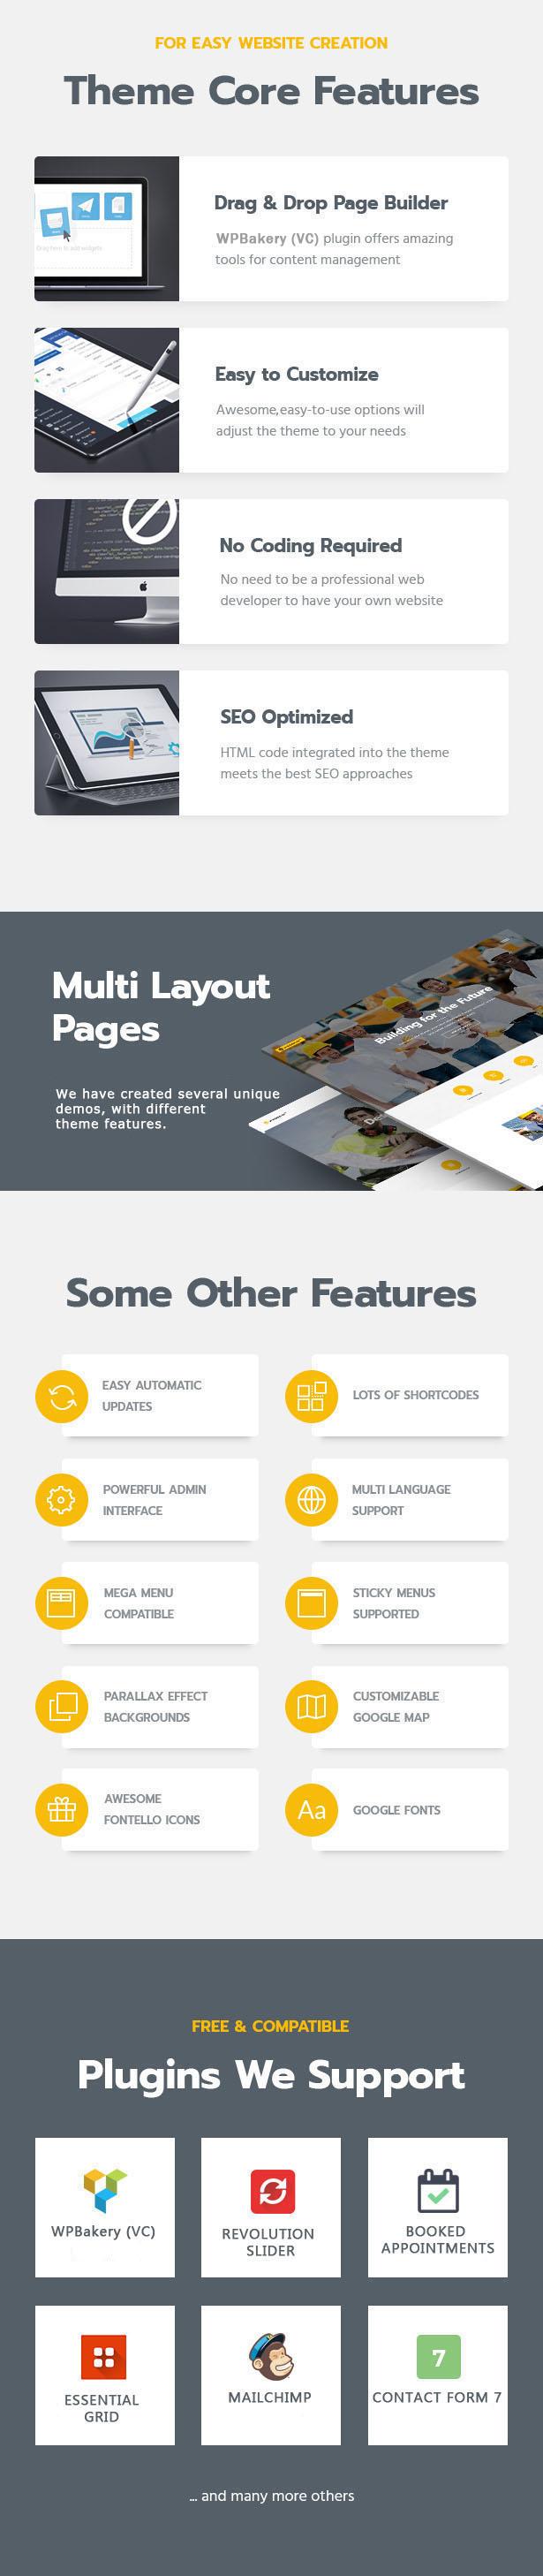 features-TkQRA.jpg